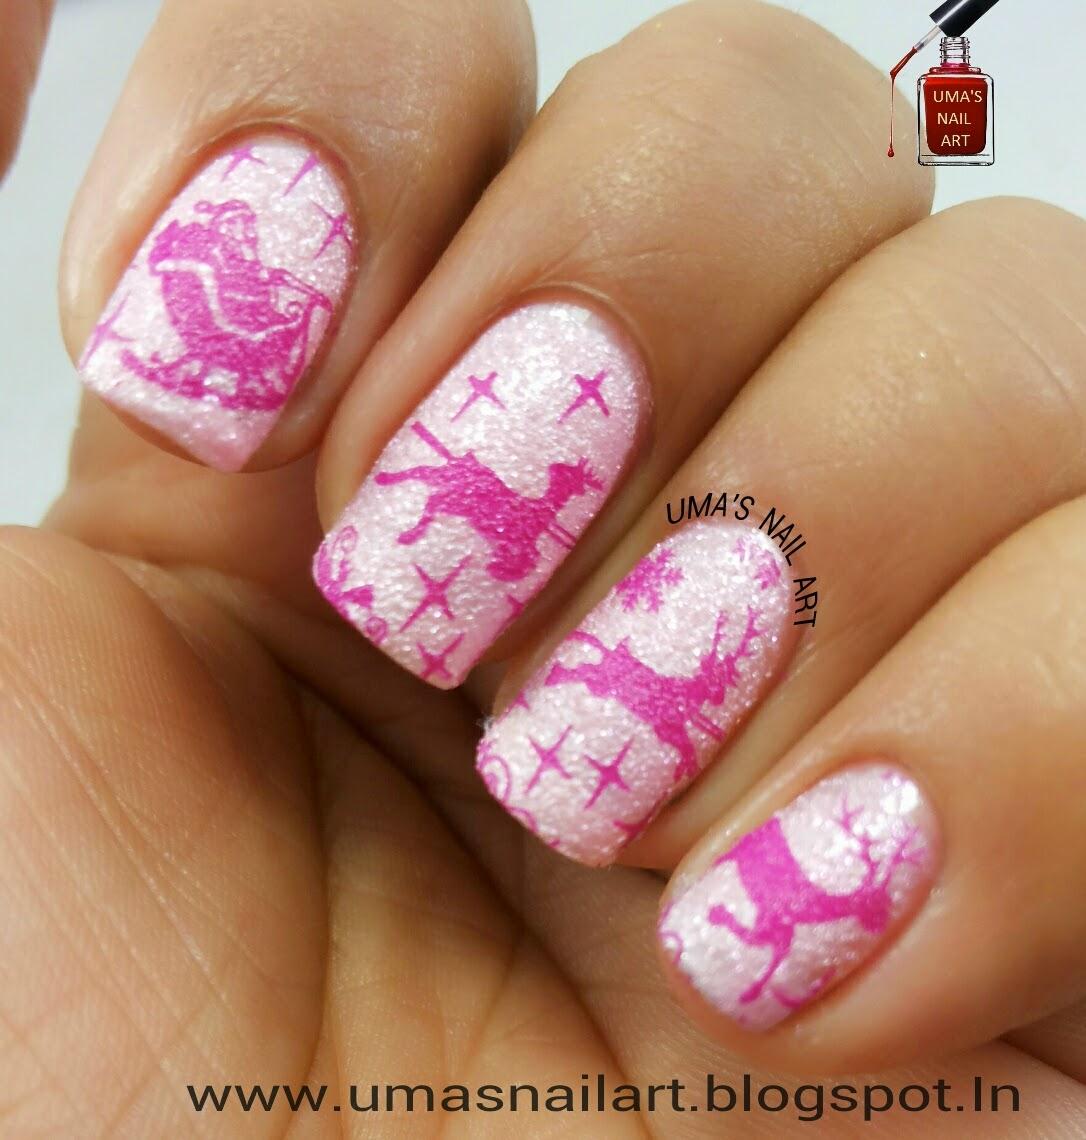 Uma's Nail Art: Pink Christmas Nail Art